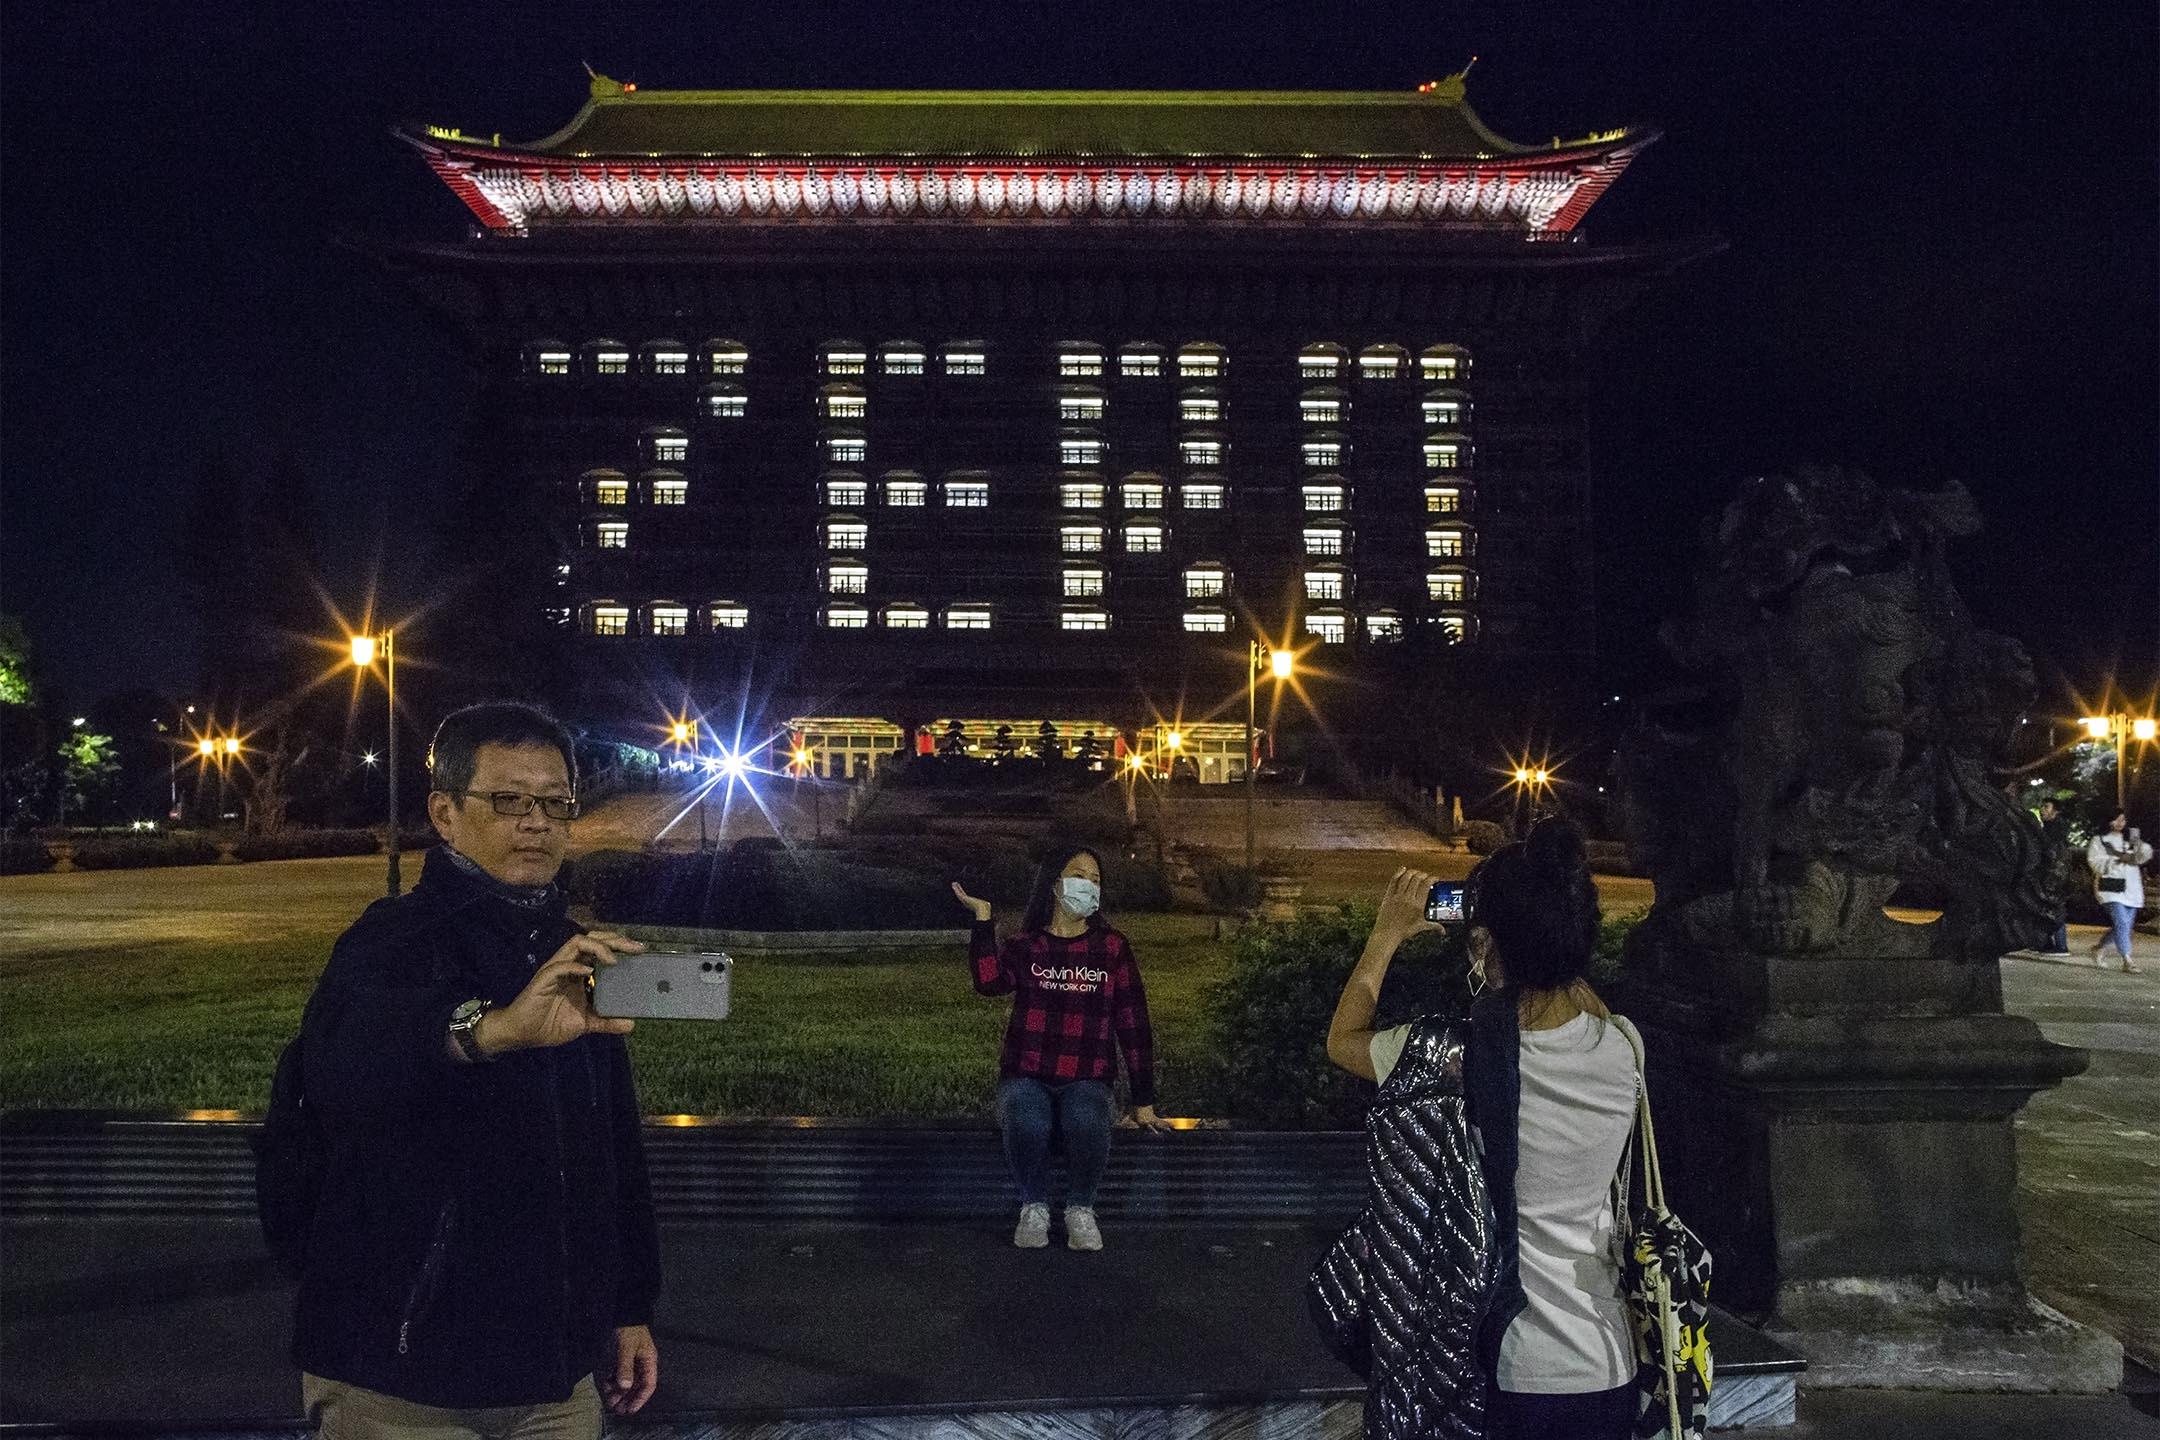 2020年4月16日,台北圓山飯店點起「ZERO」的字樣,表示台灣沒有新增2019冠狀病毒確疹病例。 攝:陳焯煇/端傳媒